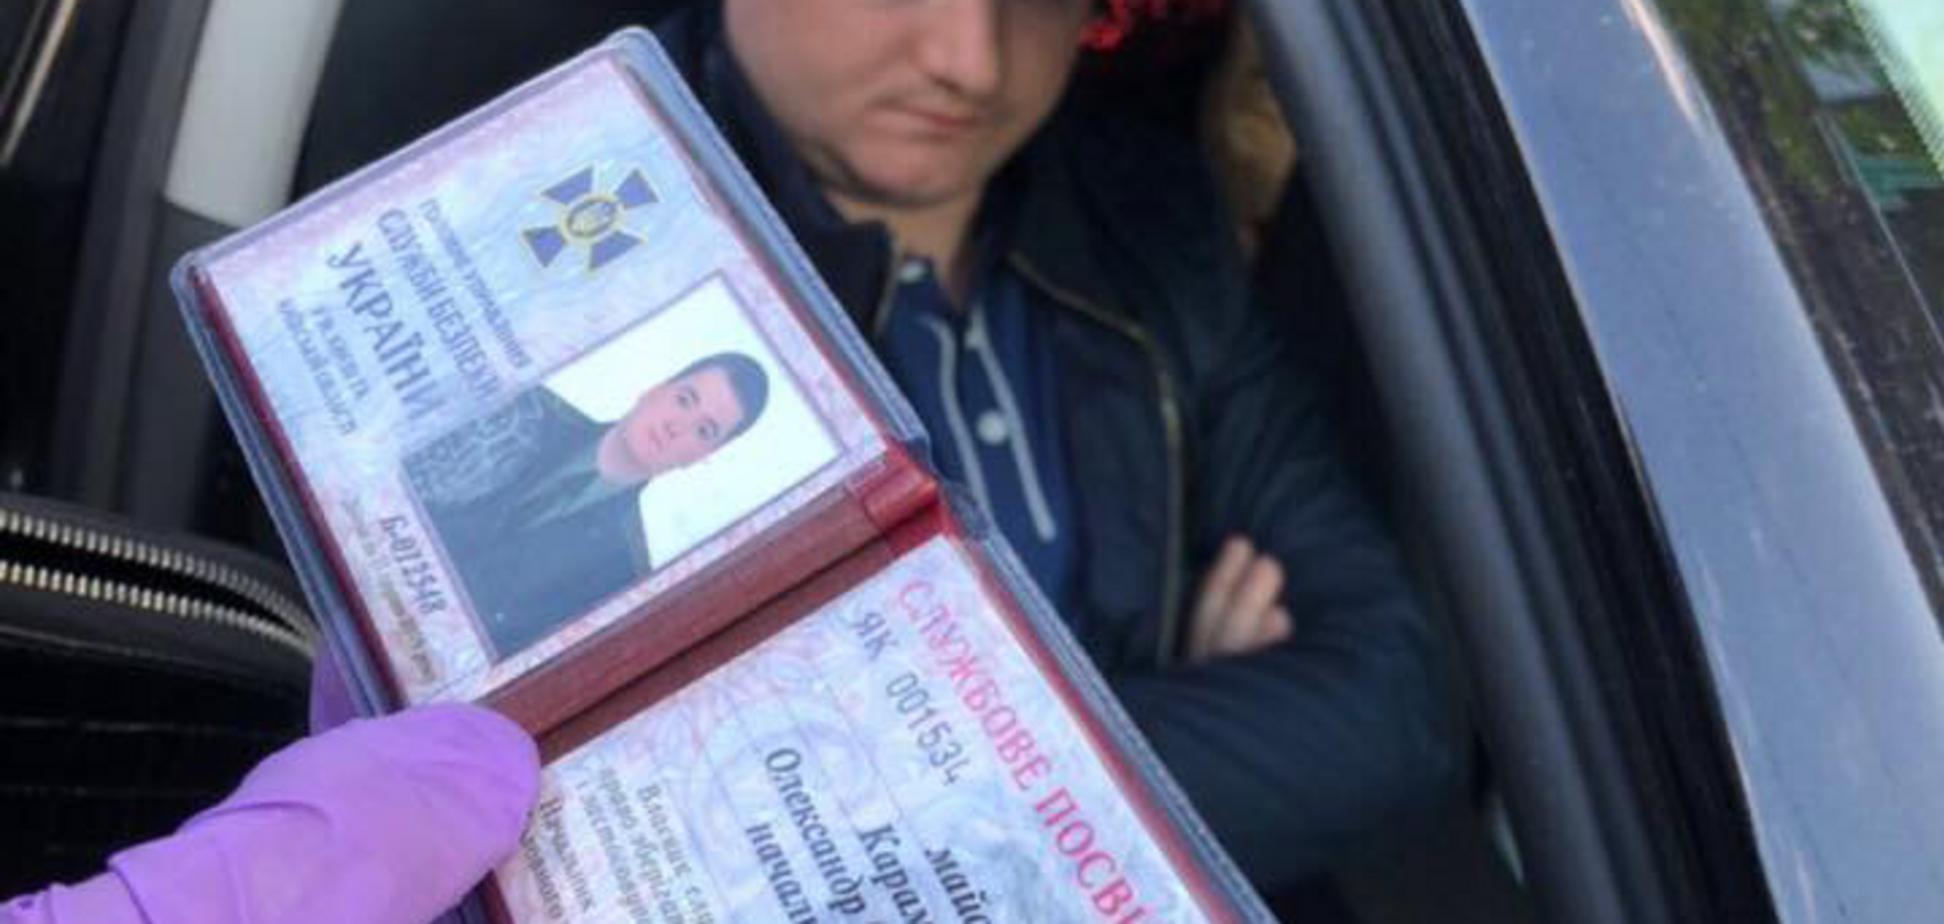 Кокаин и крупная сумма: появились детали задержания сотрудника СБУ в Киеве